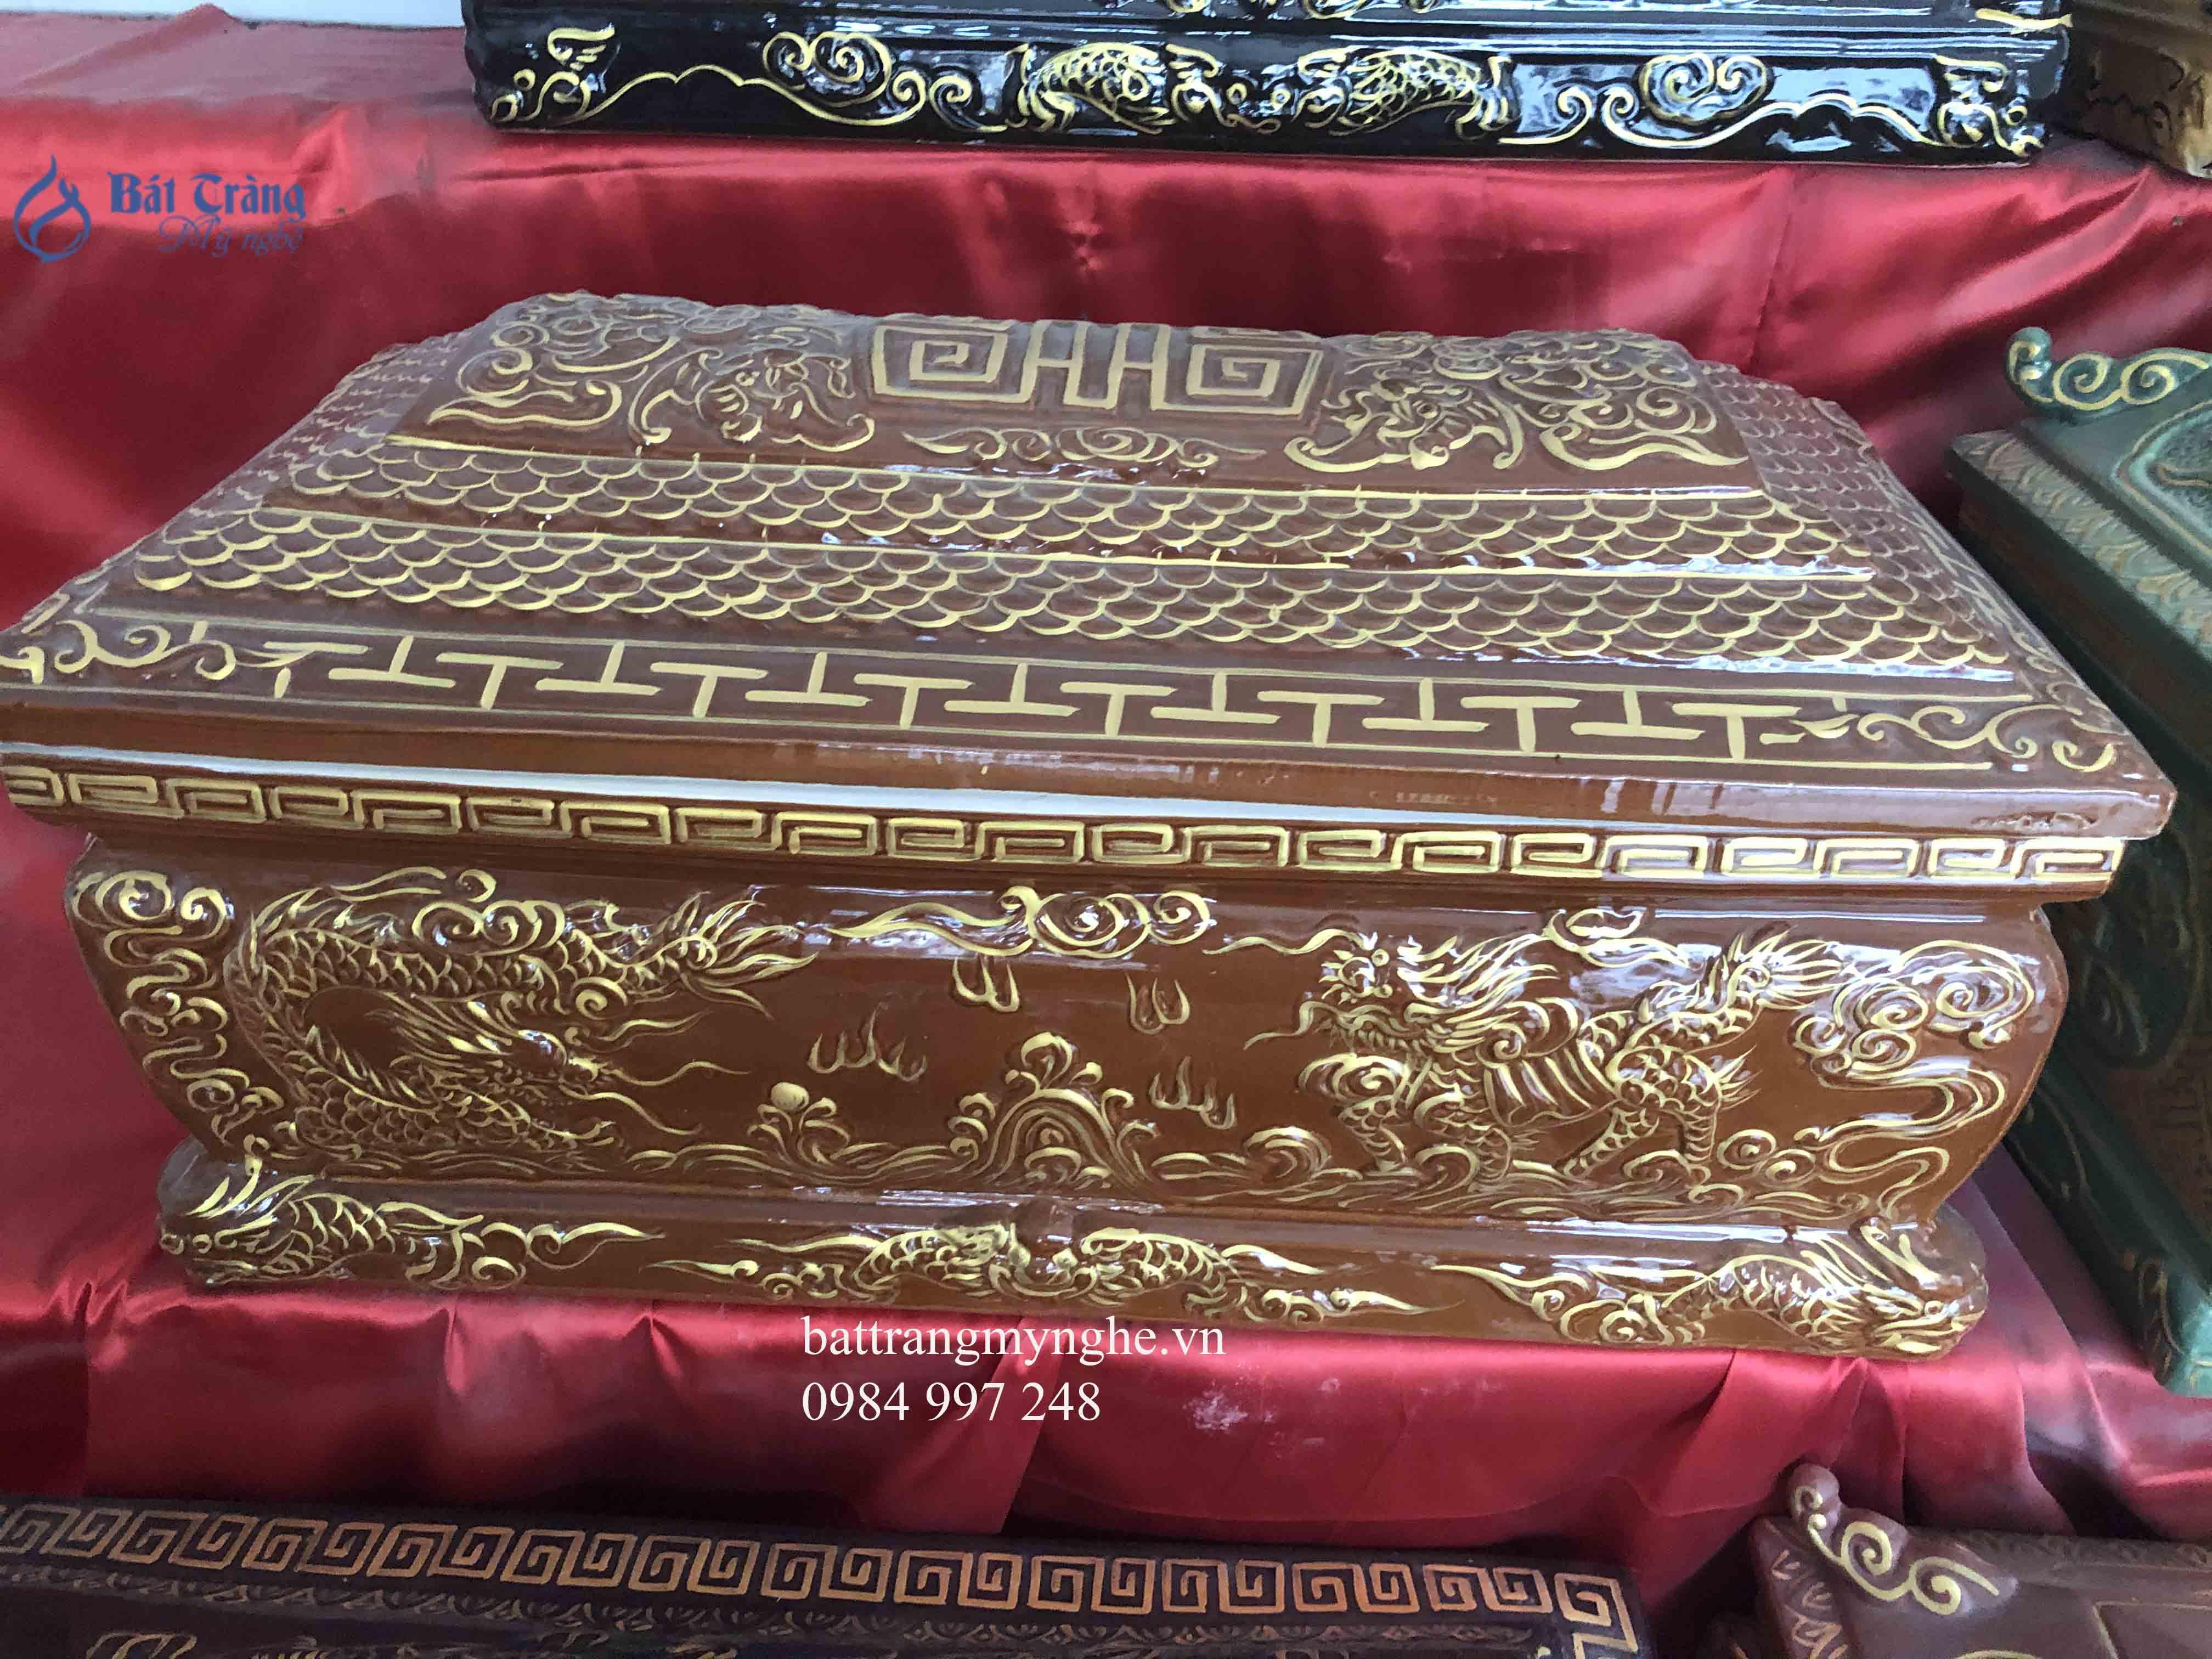 Quách tiểu sứ mái bằng men nâu vẽ vàng kim